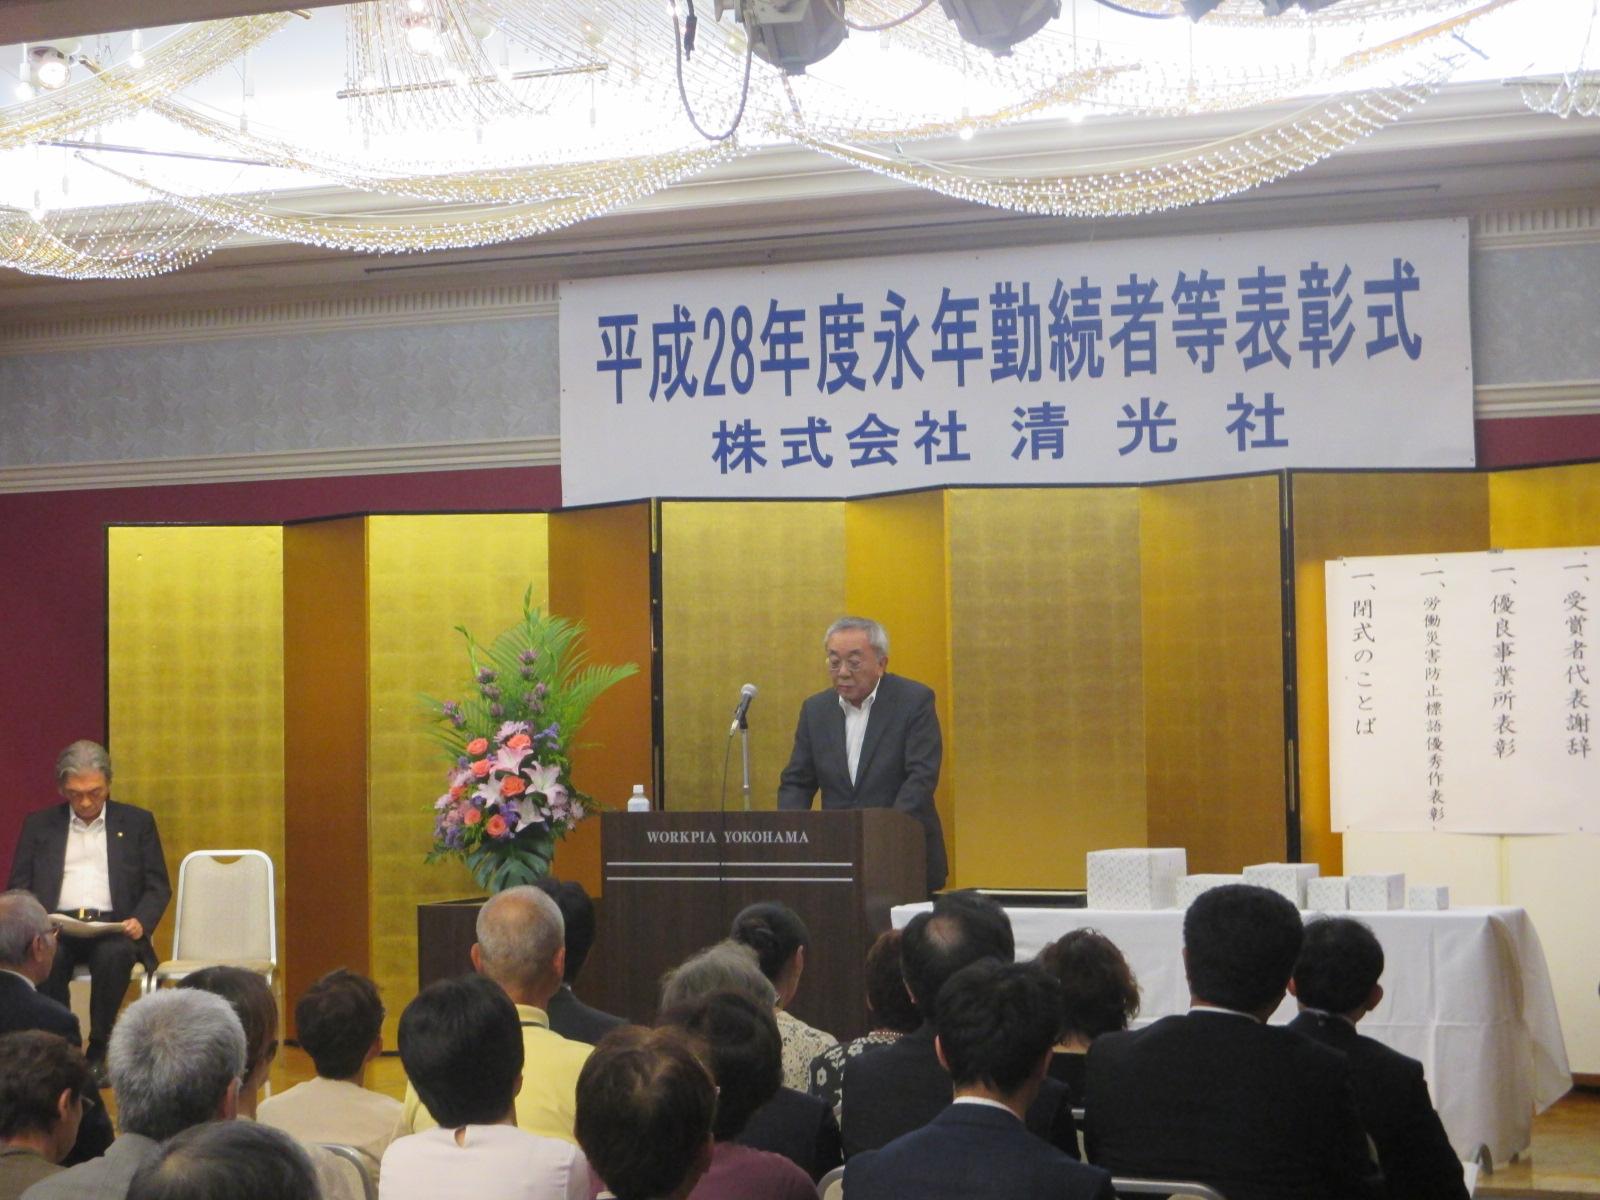 平成28年度「永年勤続表彰式」が開催されました。